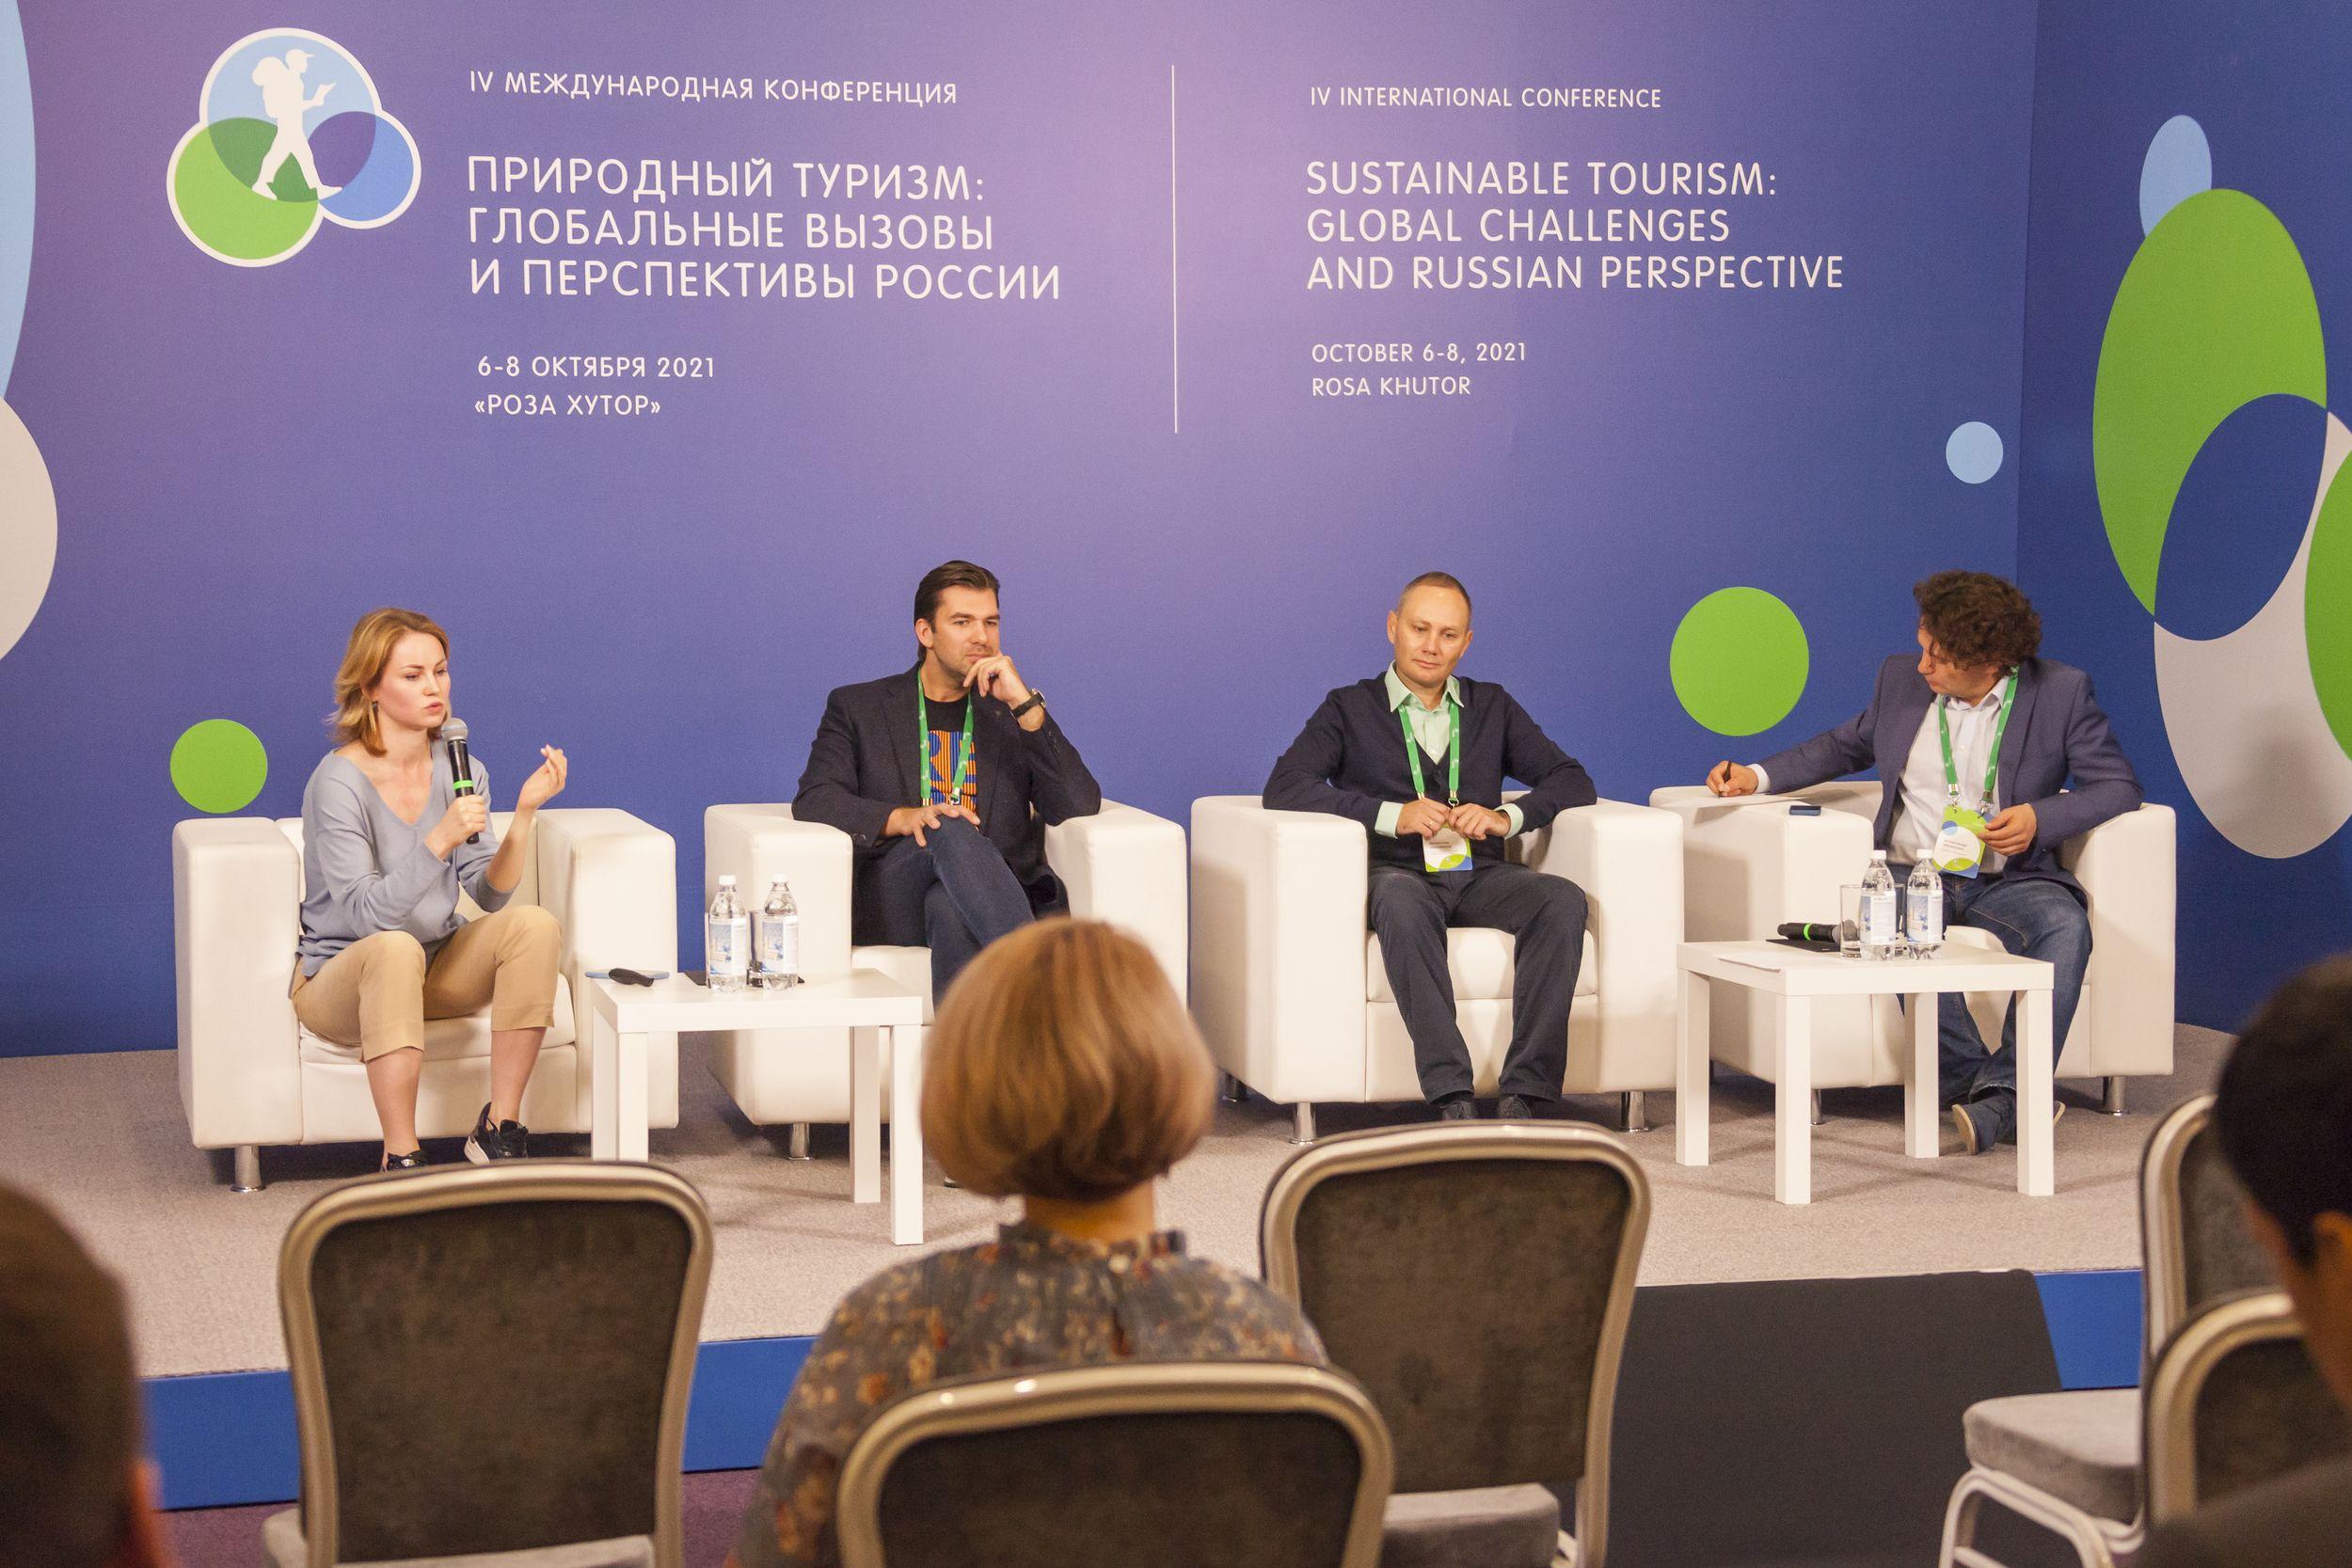 Максим Миронов: «Работа над инновационной платформой Arctic Zone вышла на финишную прямую»